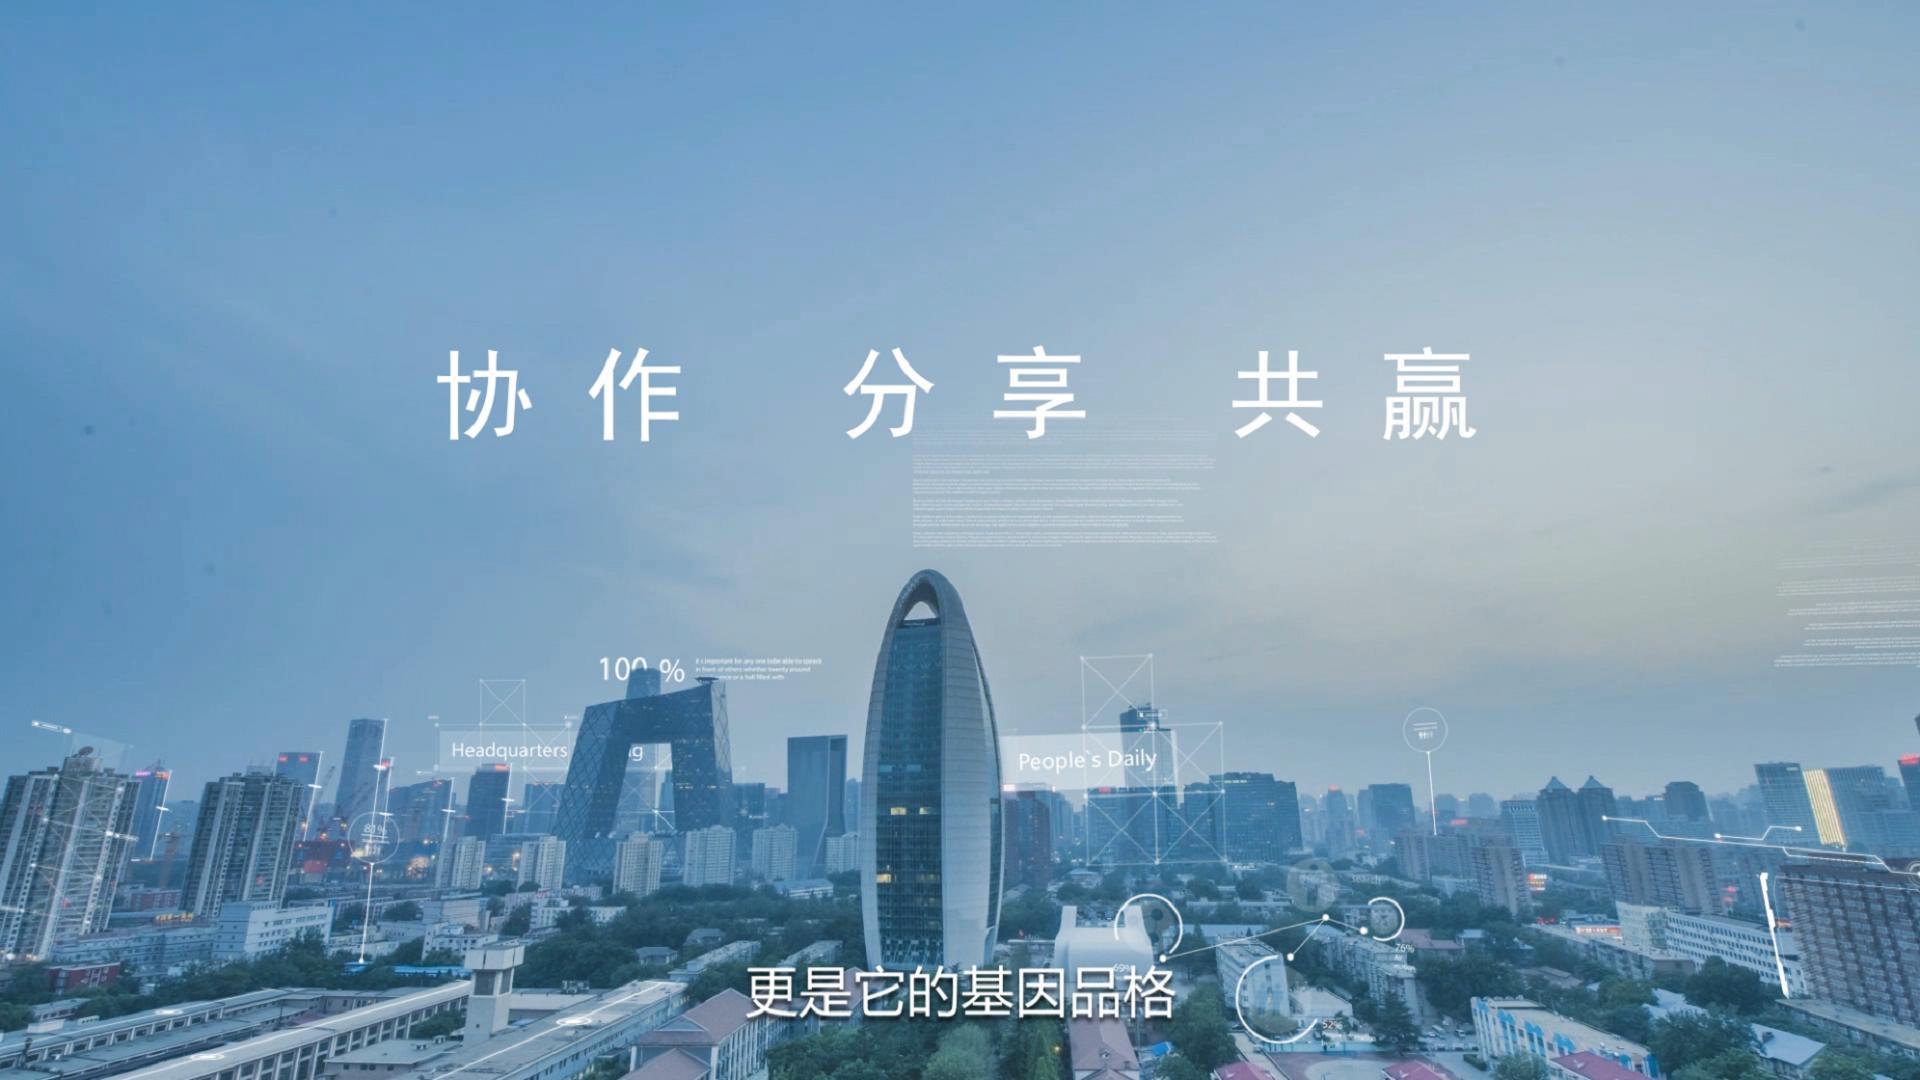 鬼谷影视企业宣传片企业产品宣传片策划拍摄宣传片制作